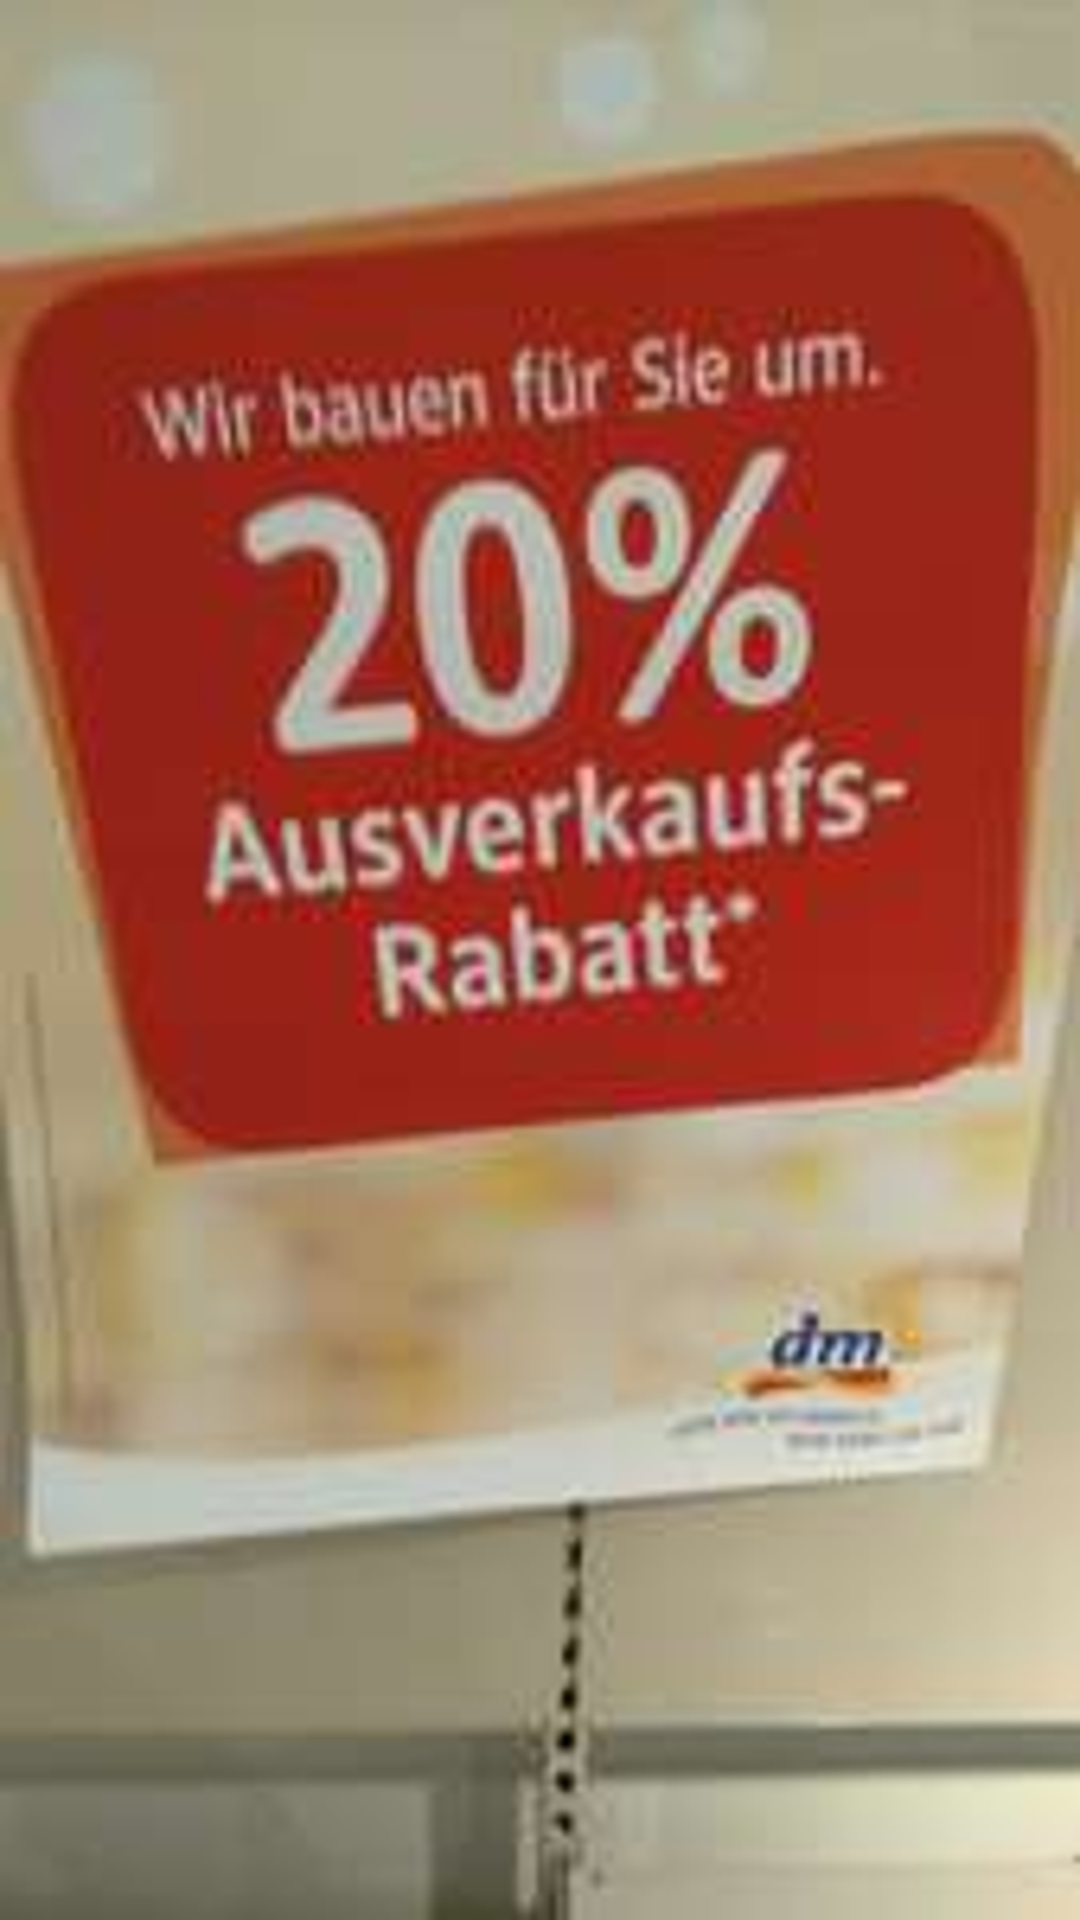 (Lokal Essen Rathausgalerie) dm 20% auf alles